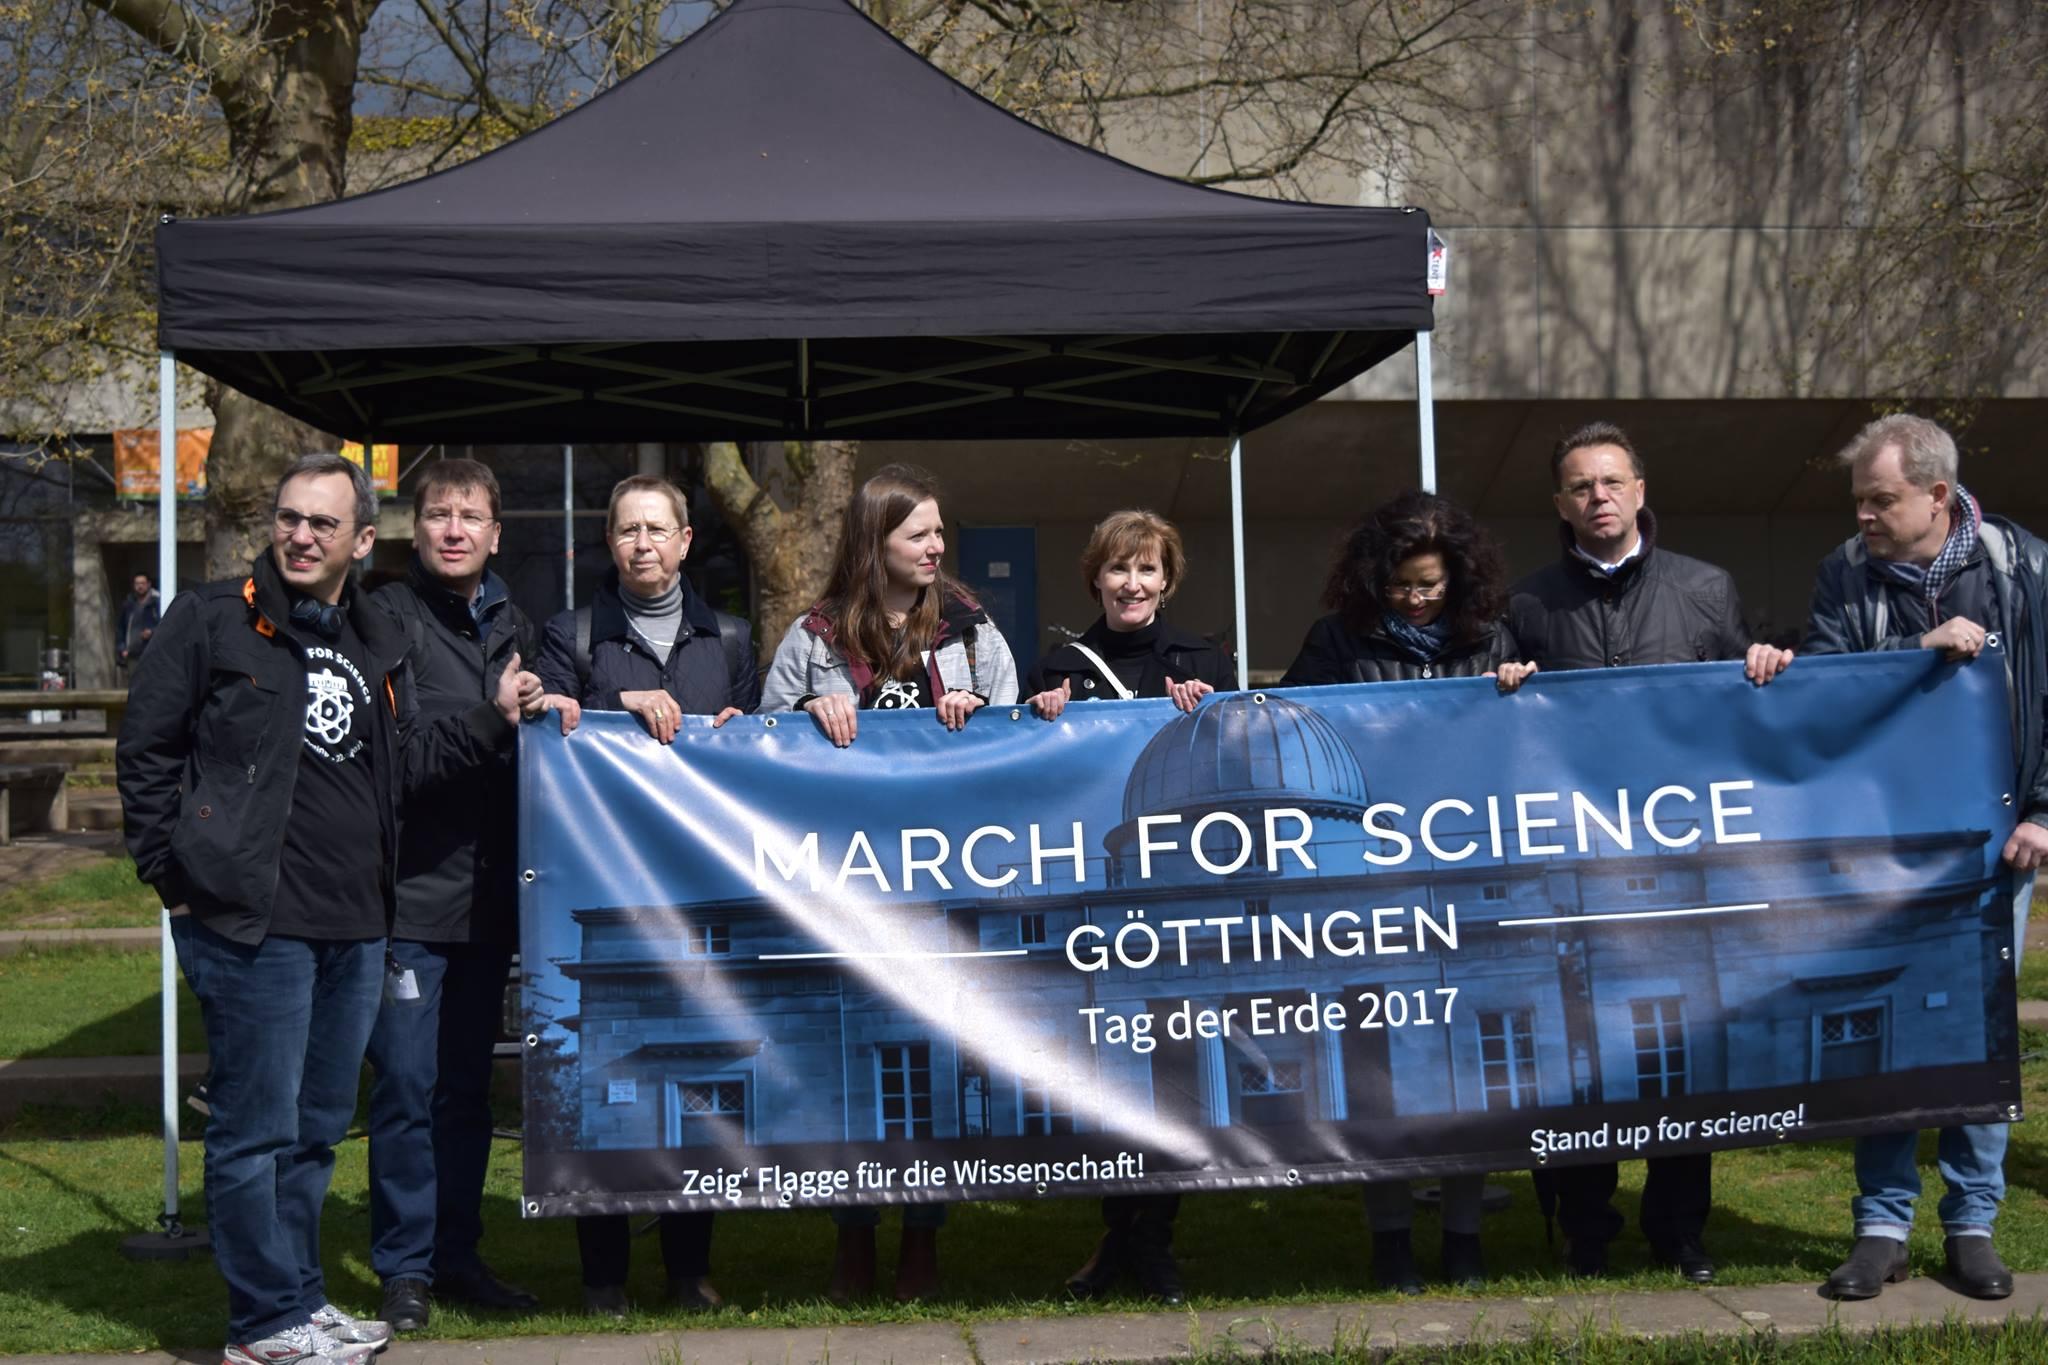 Initiatoren des March for Science mit Universitätspräsidentin Ulrike Beisiegel und Ministerin Gabriele Heinen-Kljajic.. Foto: Hatice Karakus